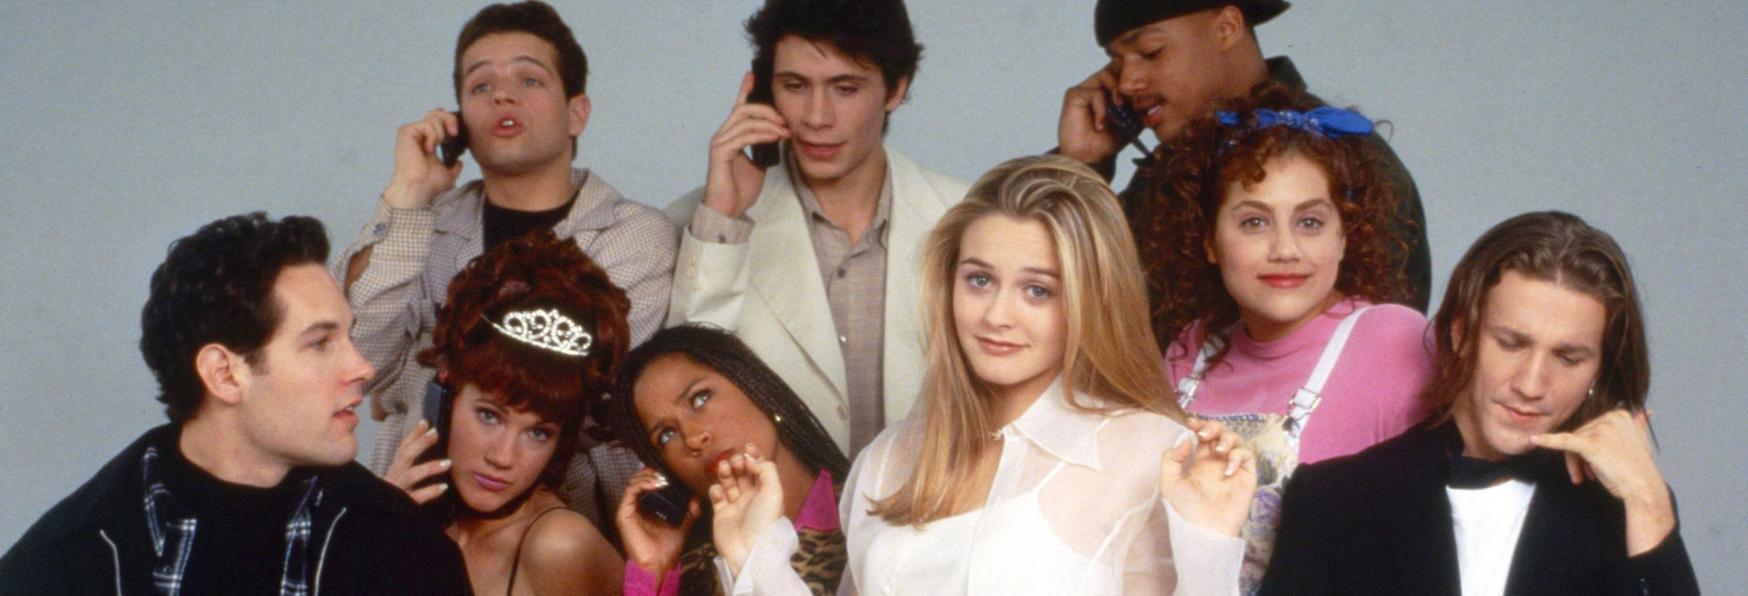 Ragazze a Beverly Hills: in Lavorazione il Reboot della Serie TV